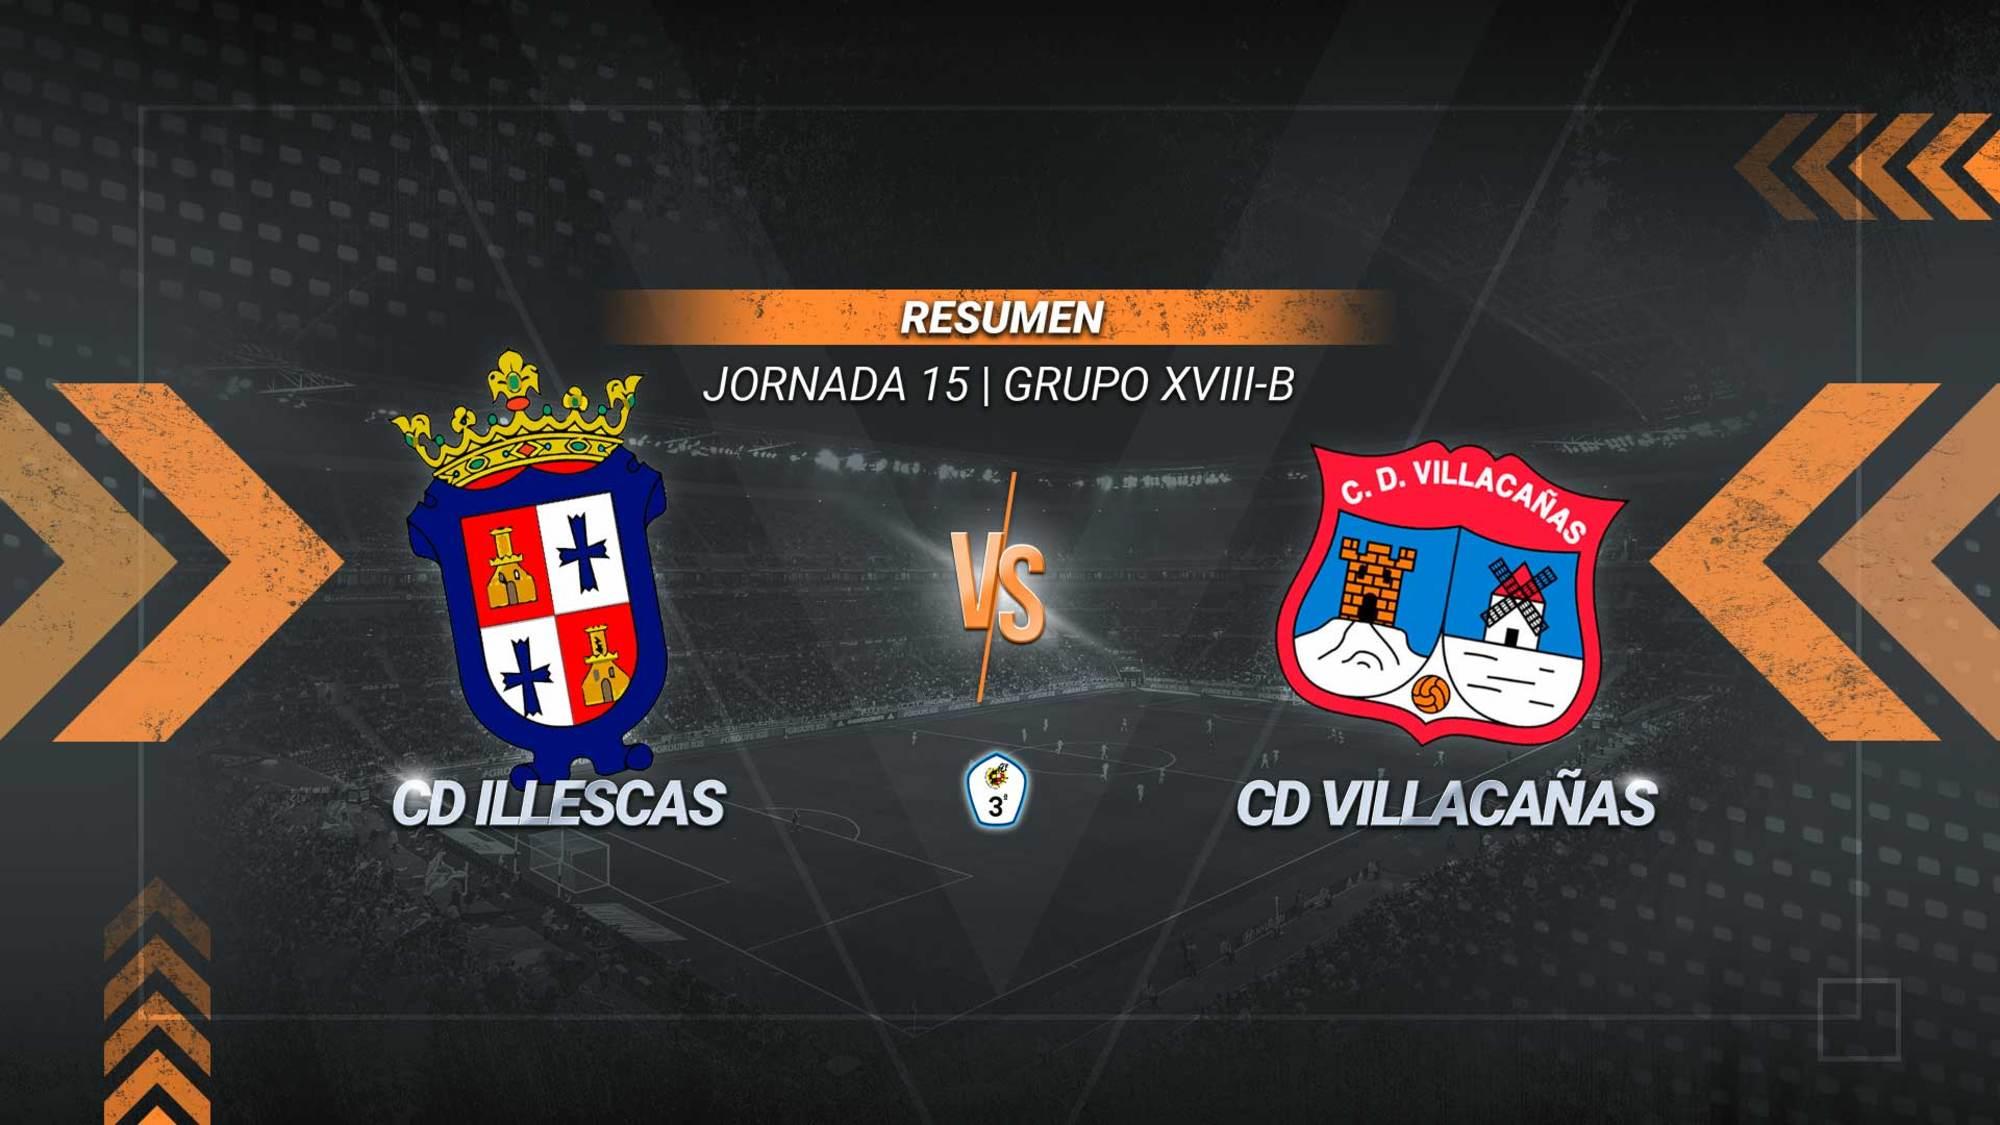 Los palos privan al Illescas de sumar un triunfo. Se adelantaron los locales y empató el Villacañas, que pierde la oportunidad de entrar en play-off.